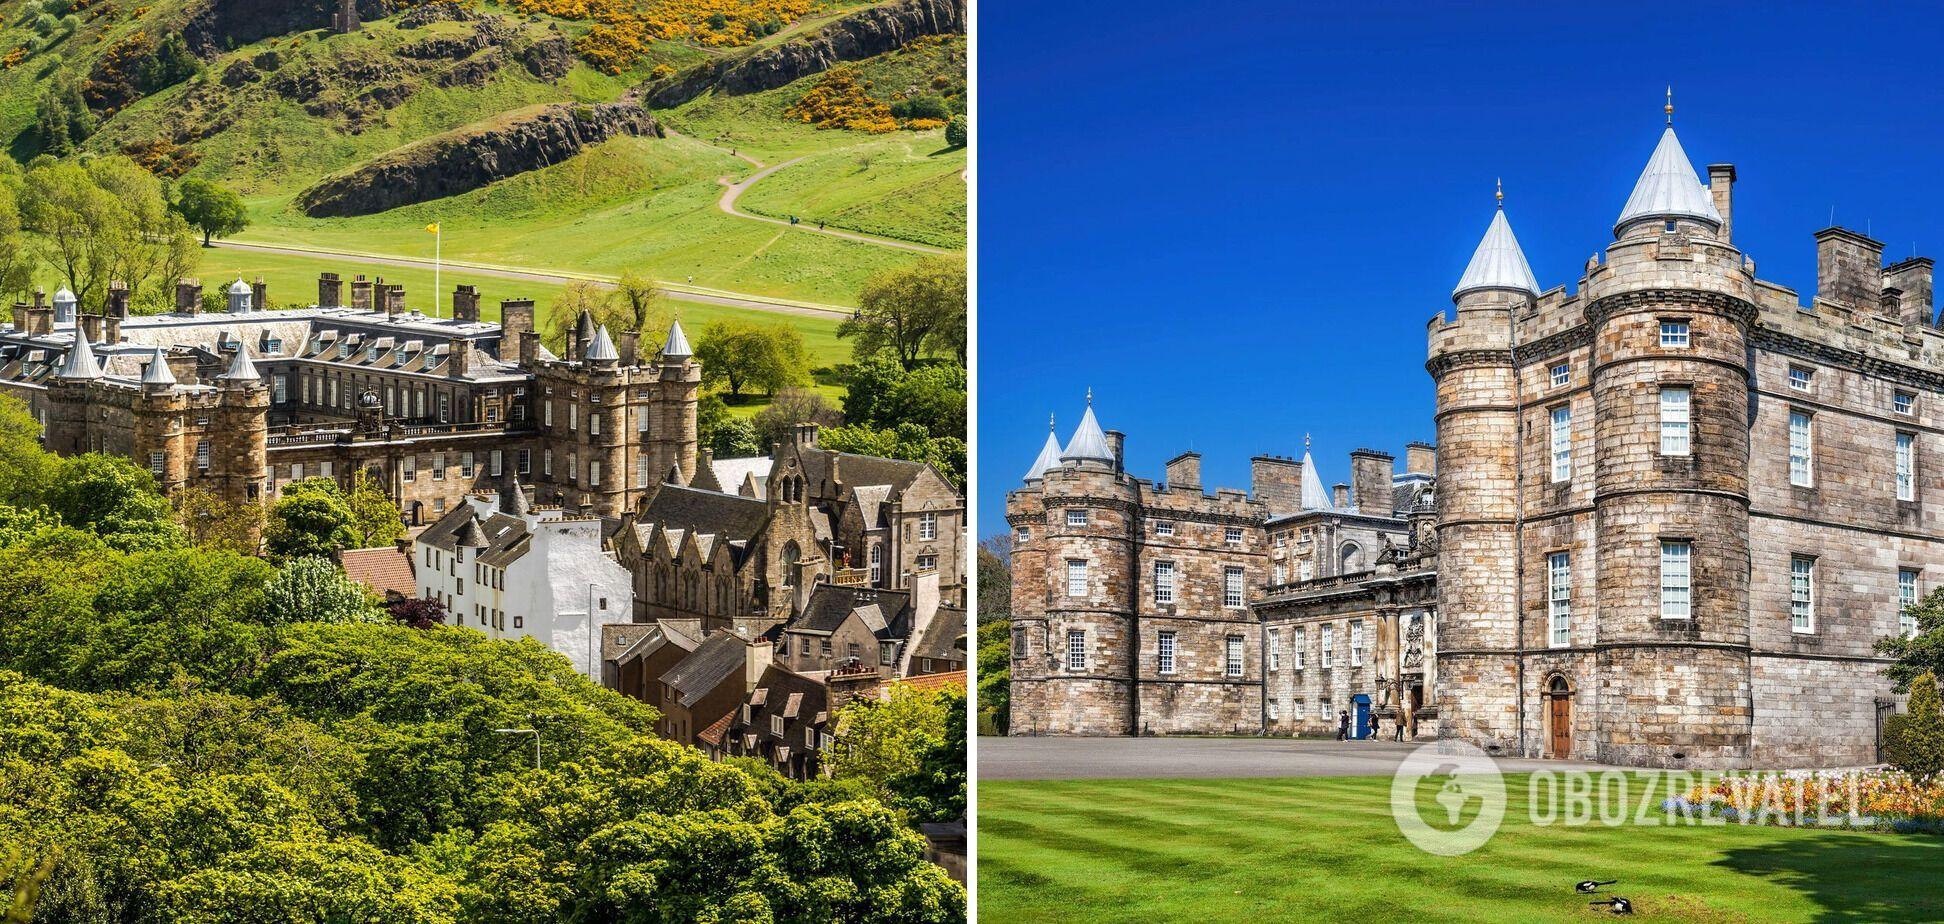 Голірудський палац є офіційною резиденцією британської корони в Единбурзі